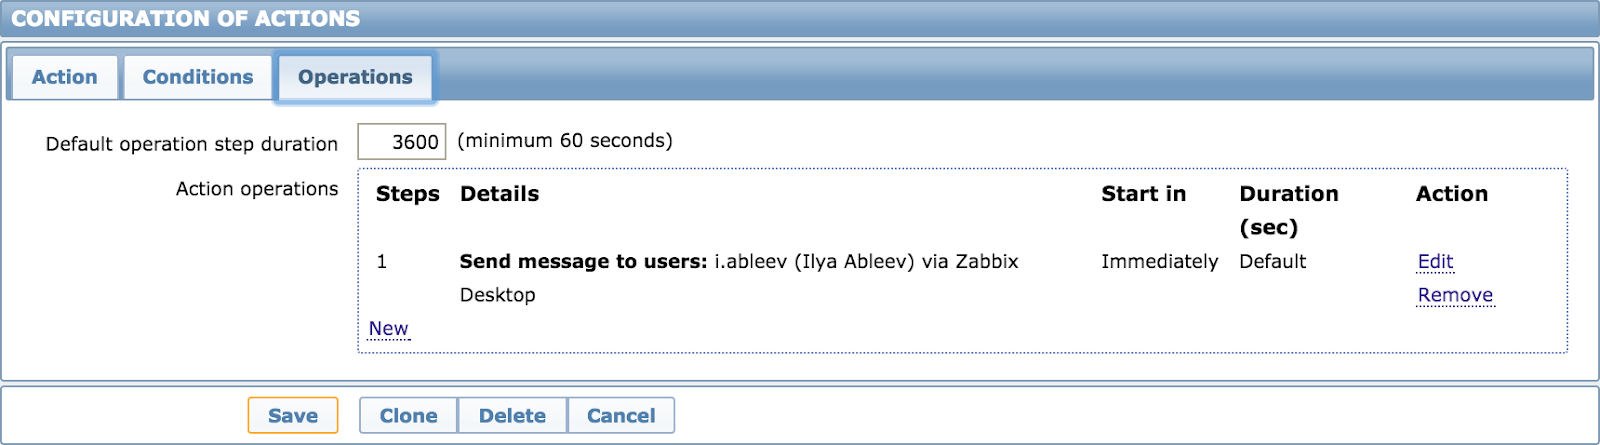 Как научить Zabbix отправлять уведомления о проблемах прямо на рабочий стол - 6